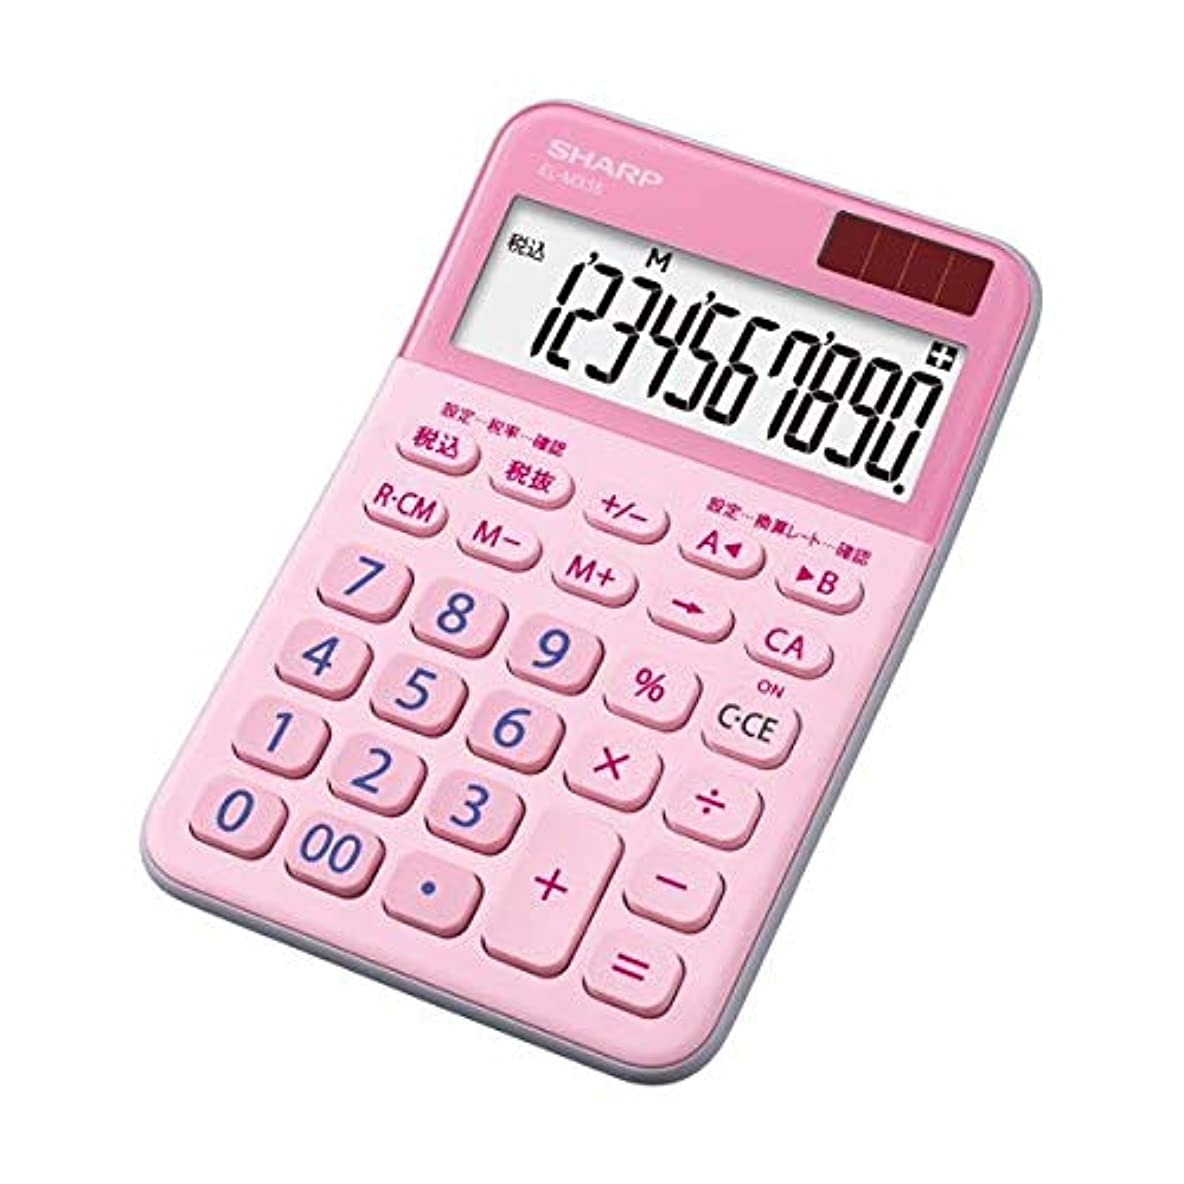 (まとめ)シャープ カラー デザイン電卓 10桁ミニナイスサイズ ピンク EL-M335-PX 1台【×5セット】 生活用品 インテリア 雑貨 文具 オフィス用品 電卓 14067381 [並行輸入品]